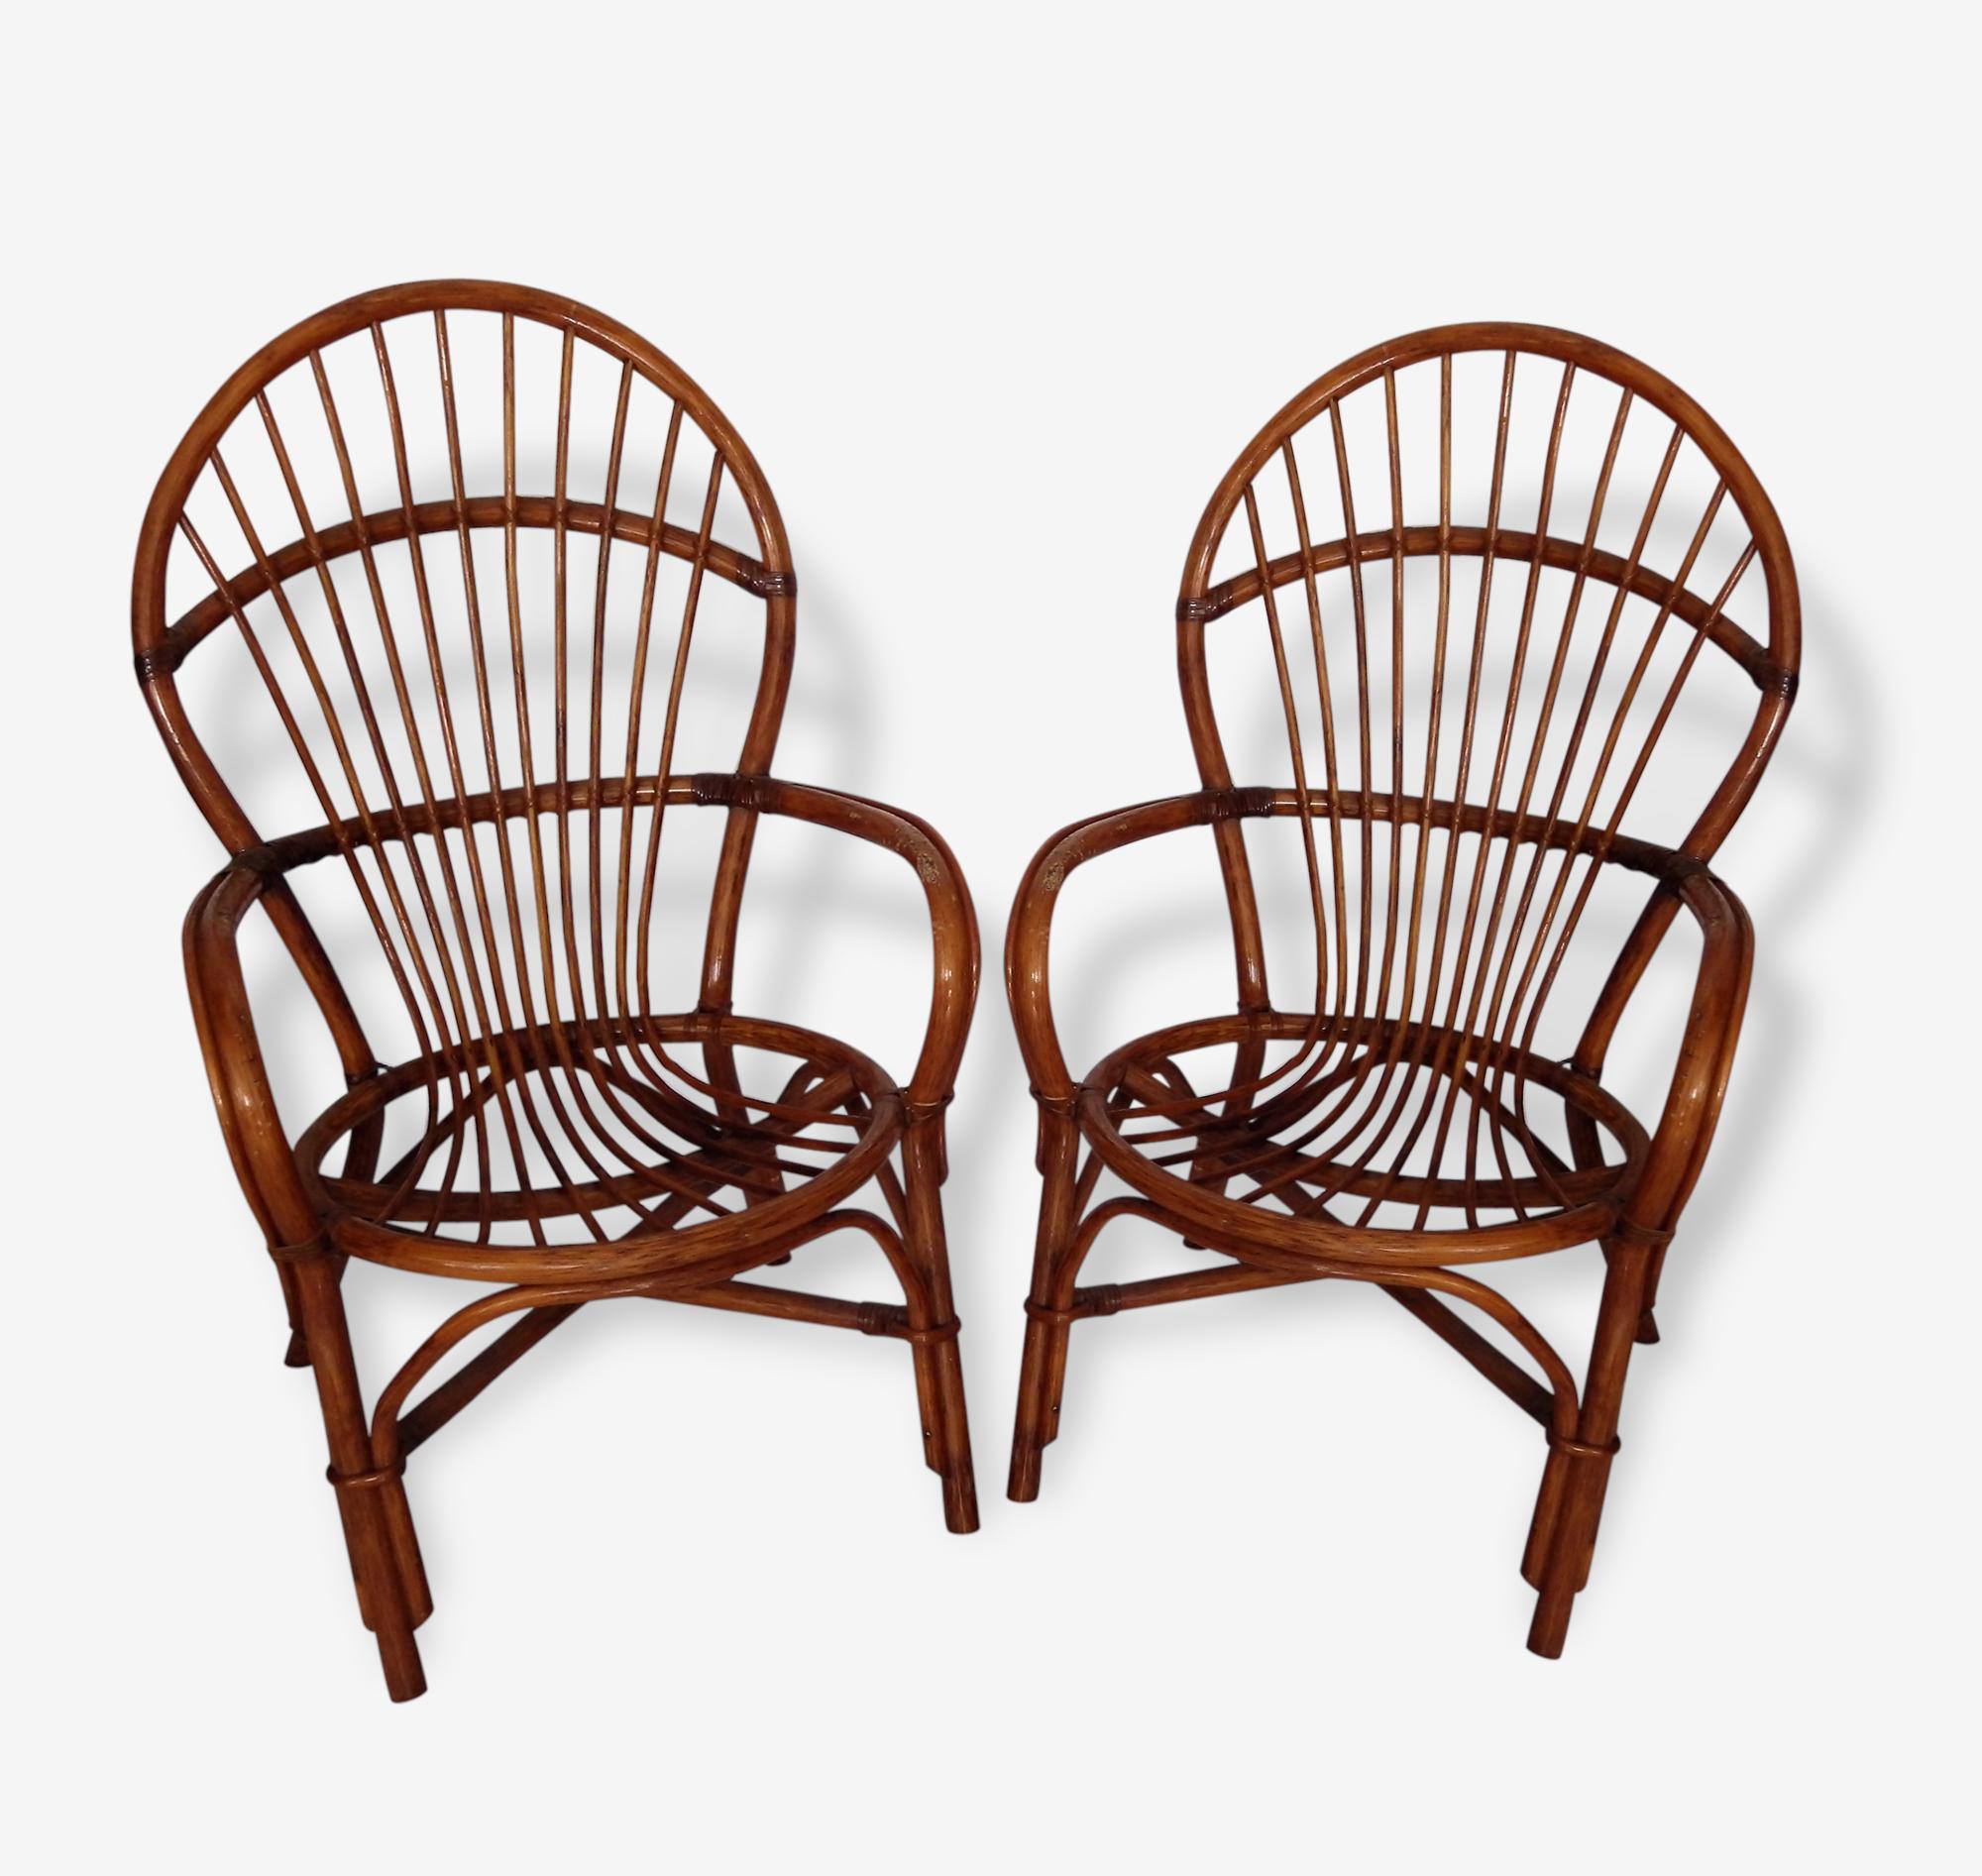 Paire de fauteuils vintage en rotin à restaurer